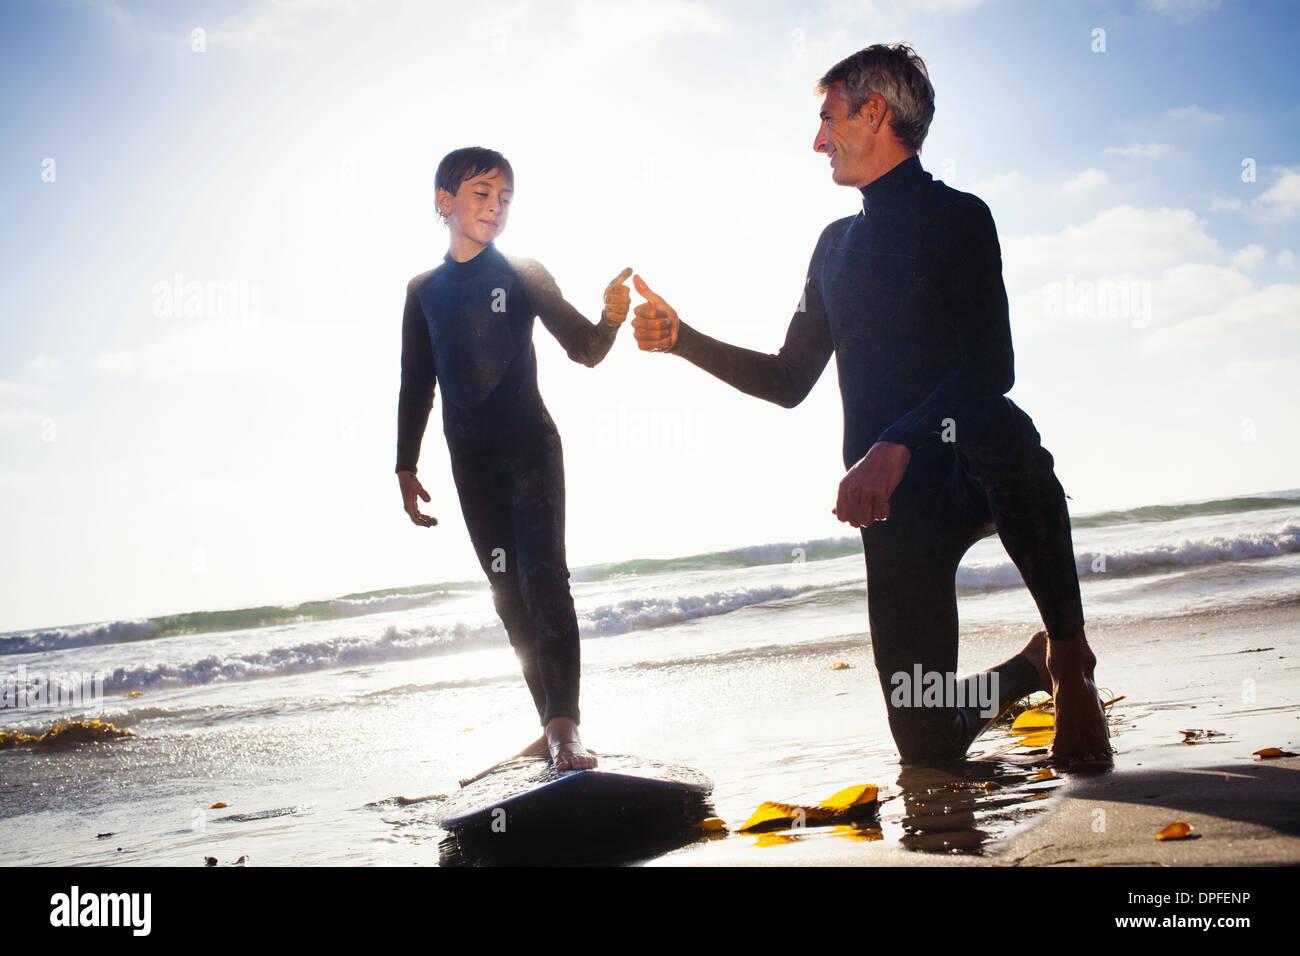 Padre e figlio con le tavole da surf sulla spiaggia, Encinitas, CALIFORNIA, STATI UNITI D'AMERICA Immagini Stock